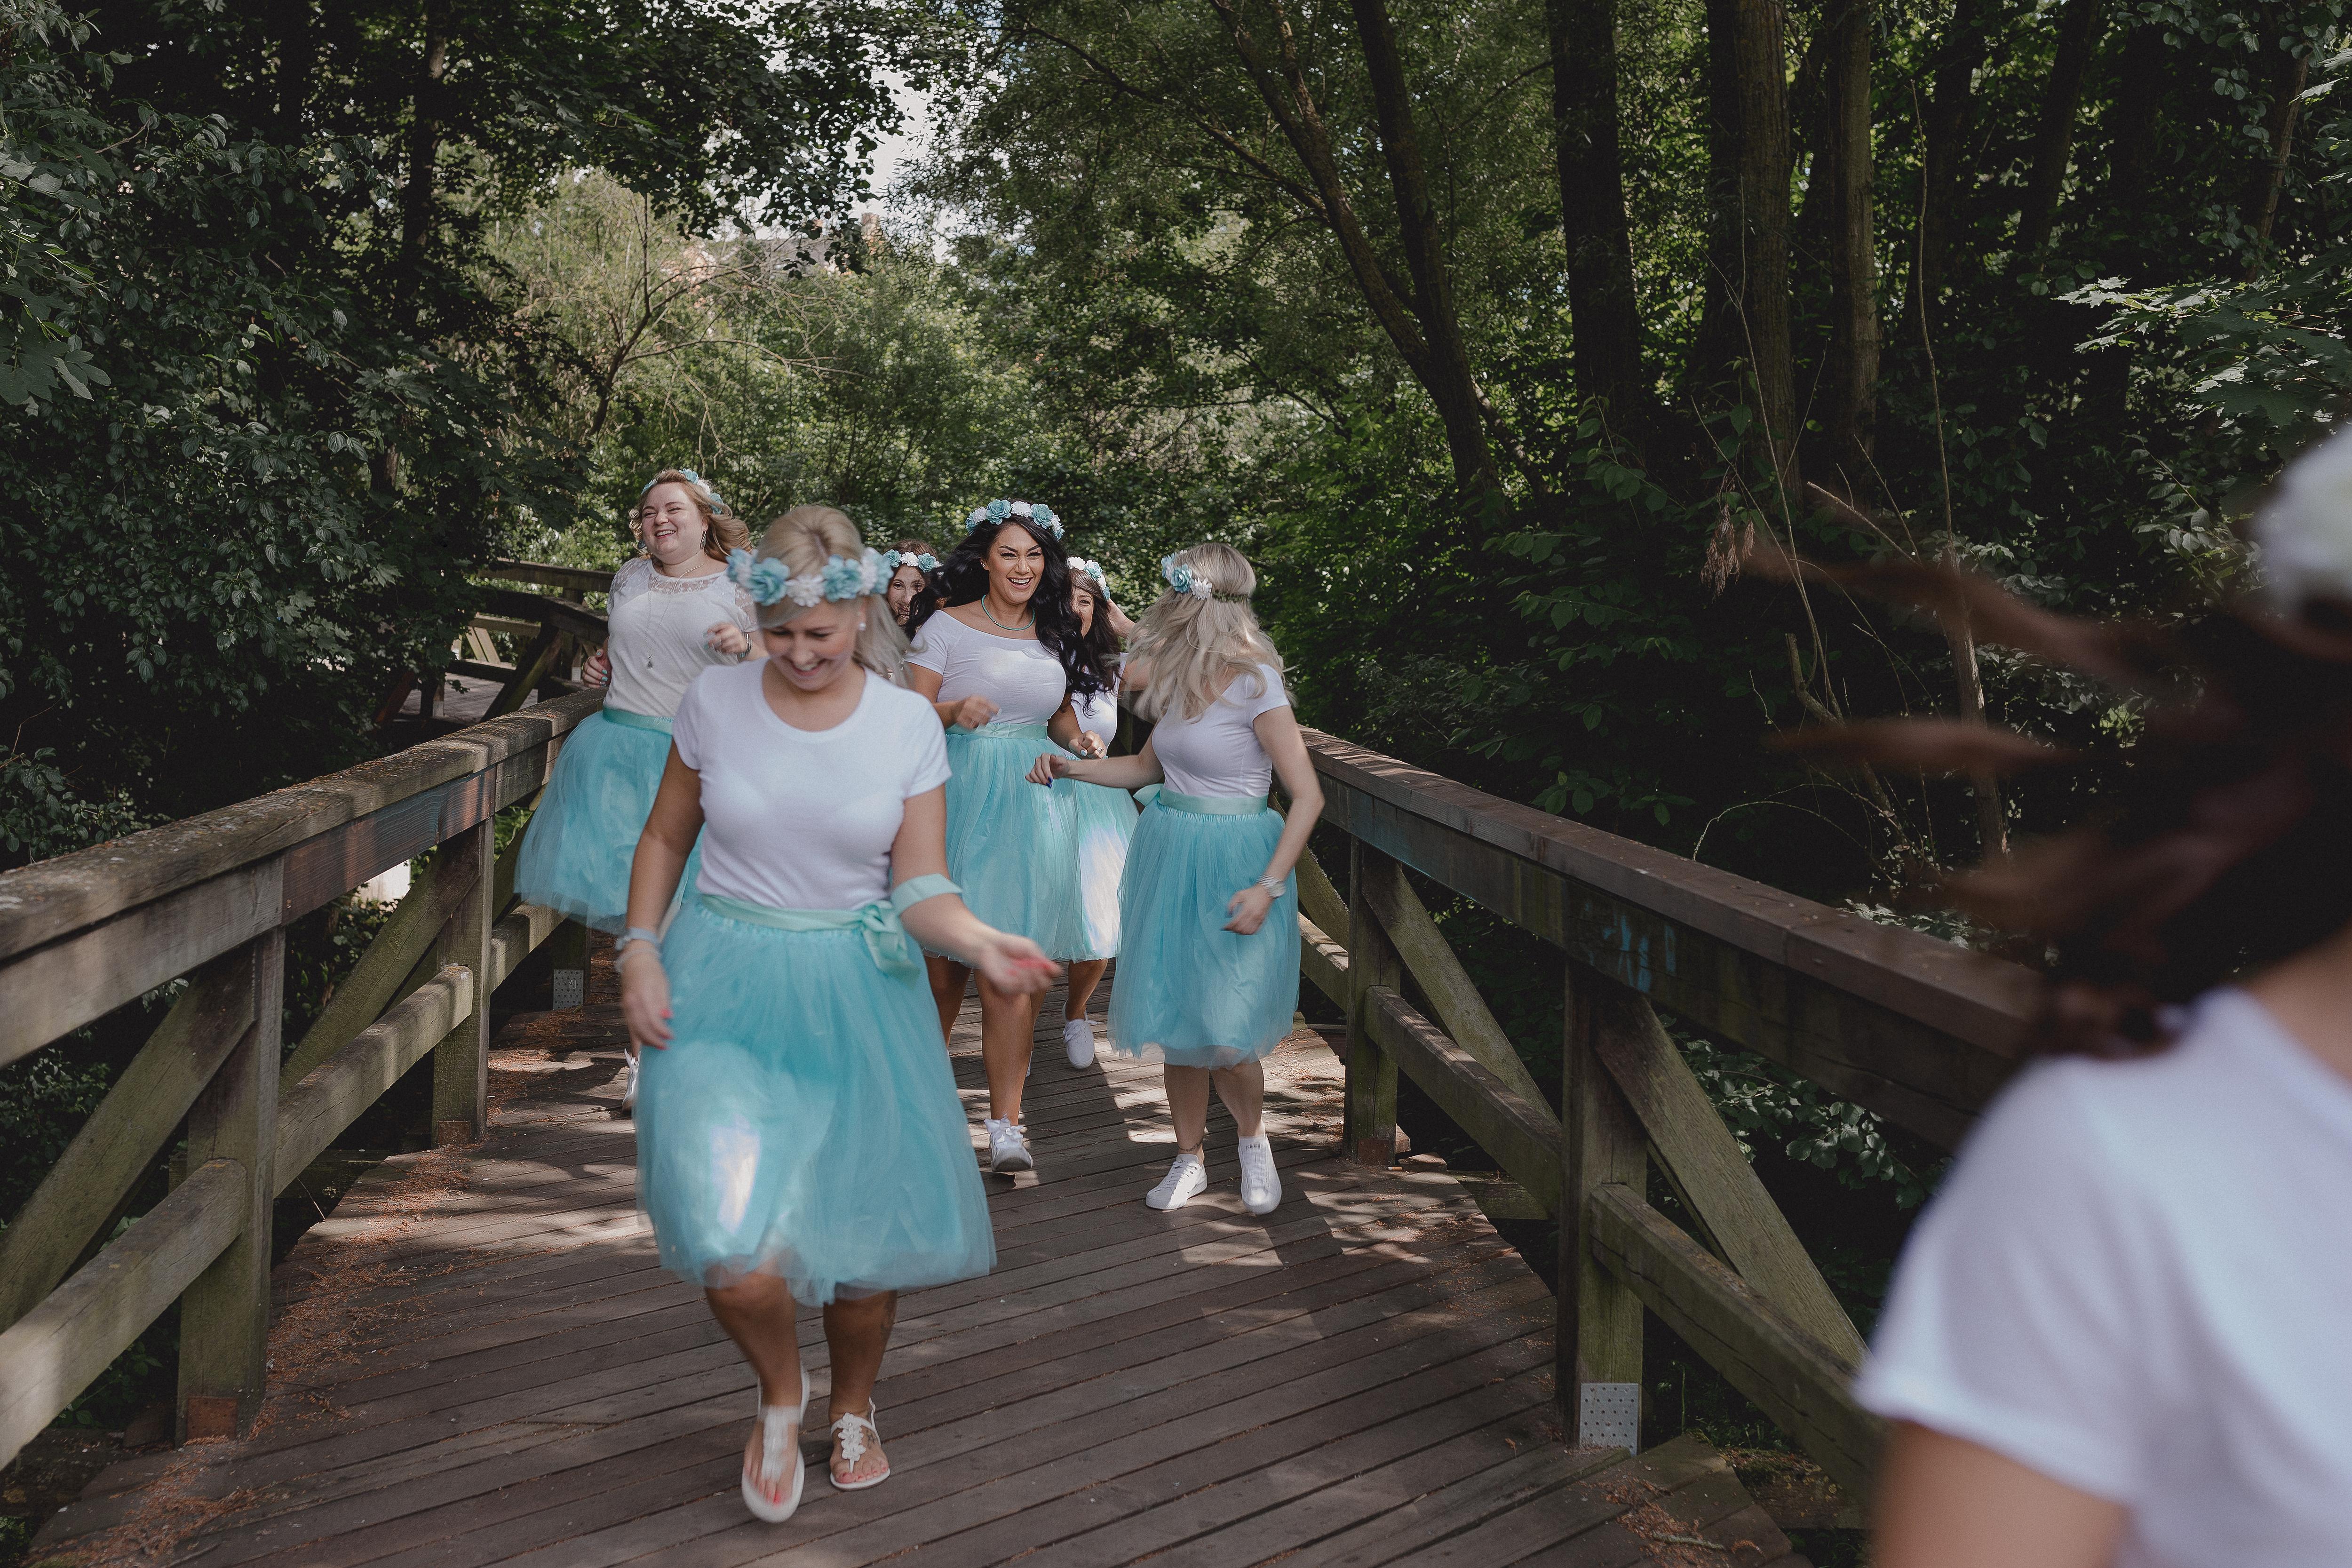 URBANERIE_Daniela_Goth_Hochzeitsfotografin_Nuernberg_Fuerth_Erlangen_180602_0172